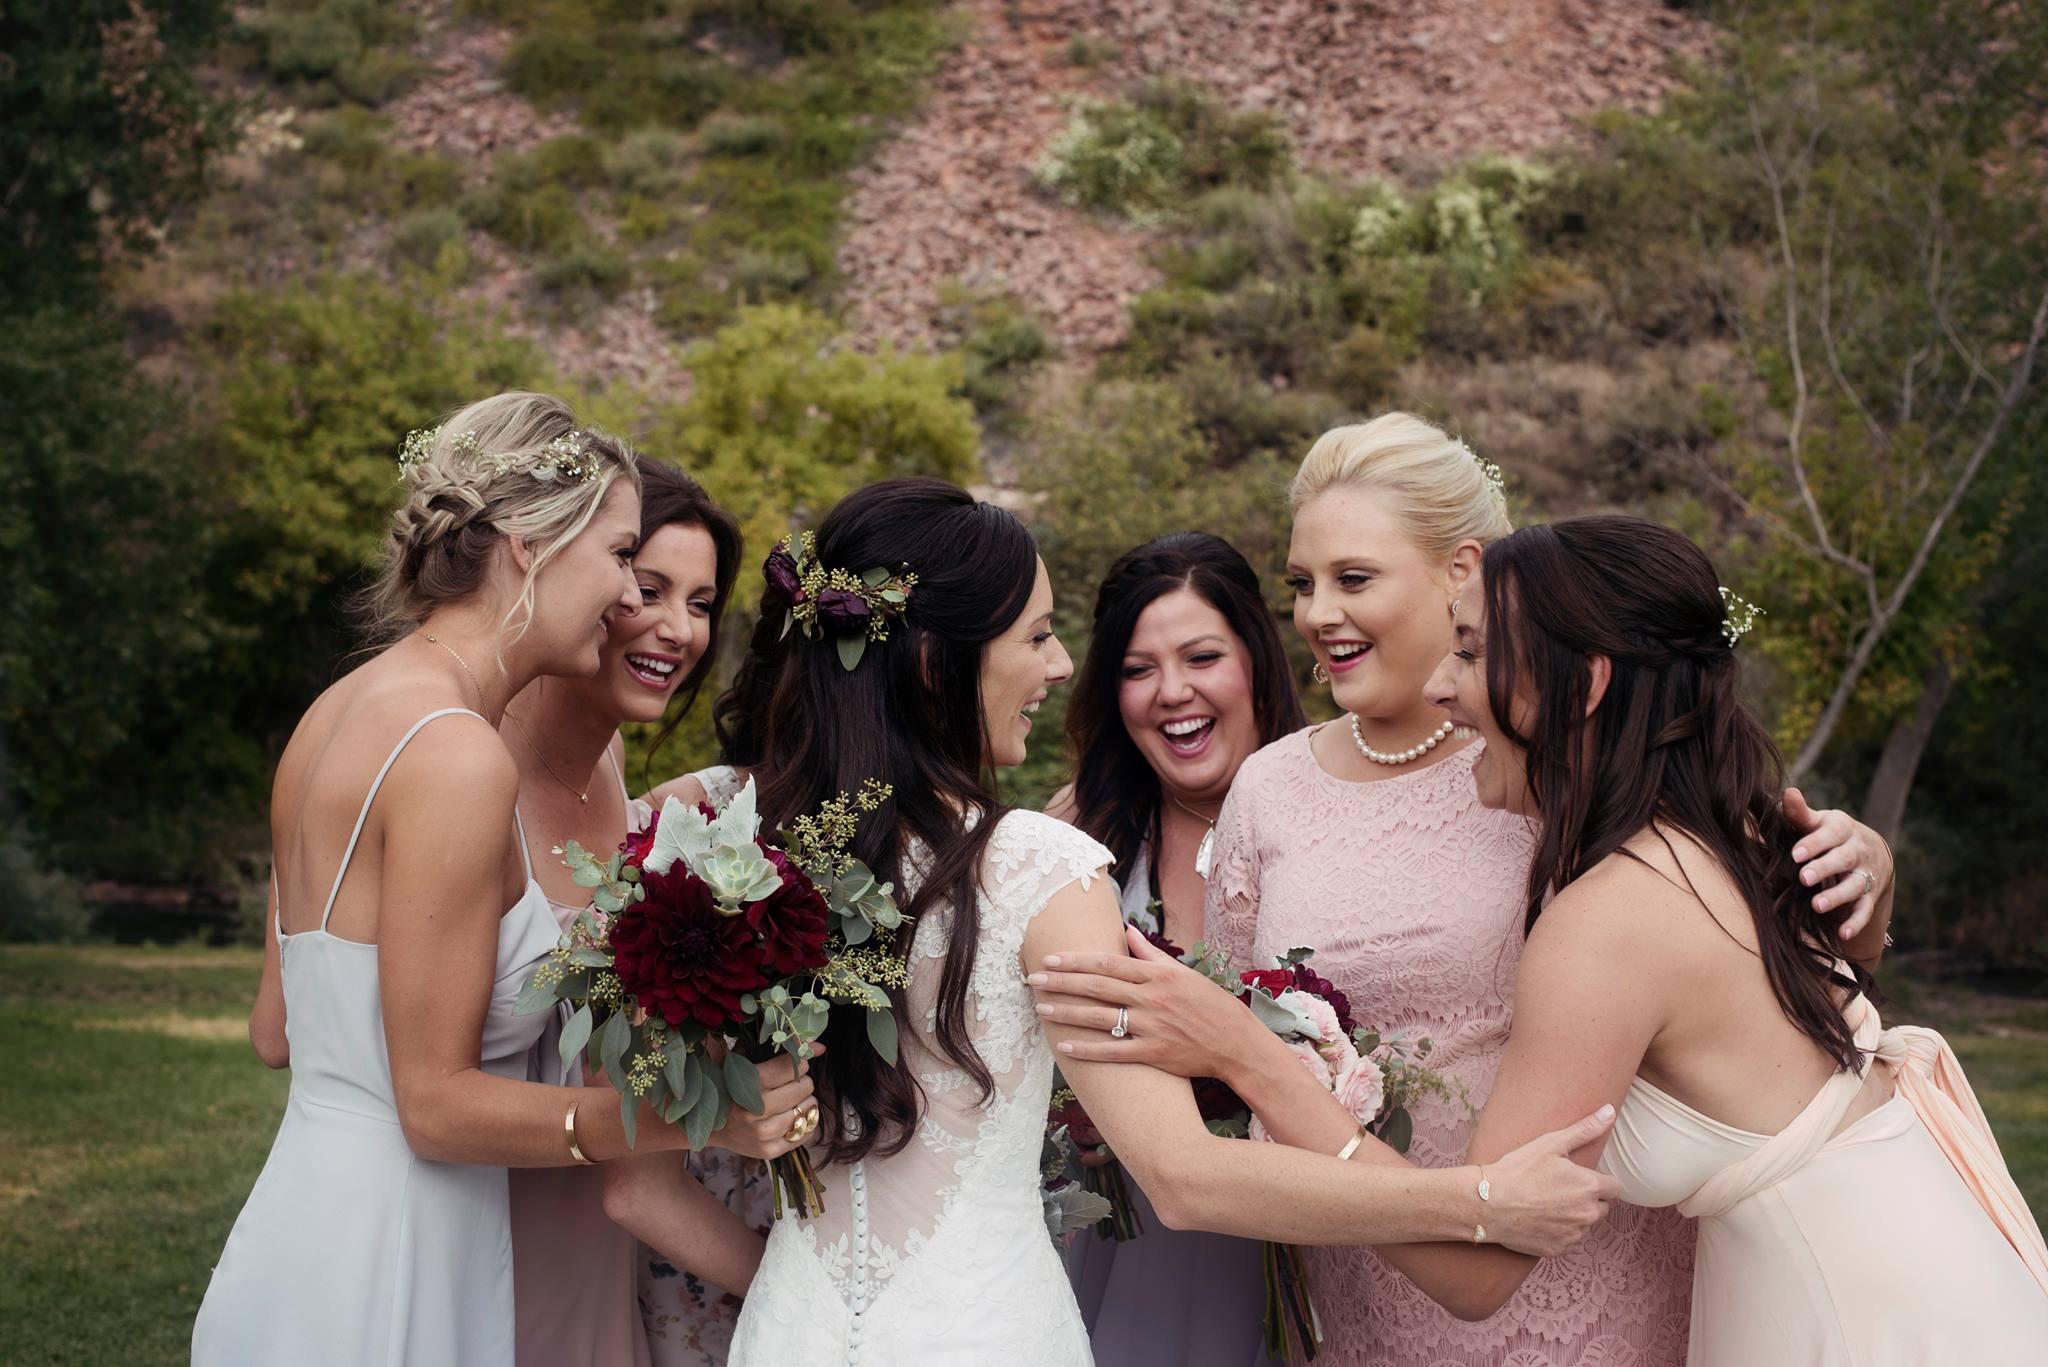 Denver-wedding-hairstylist-braids-bride